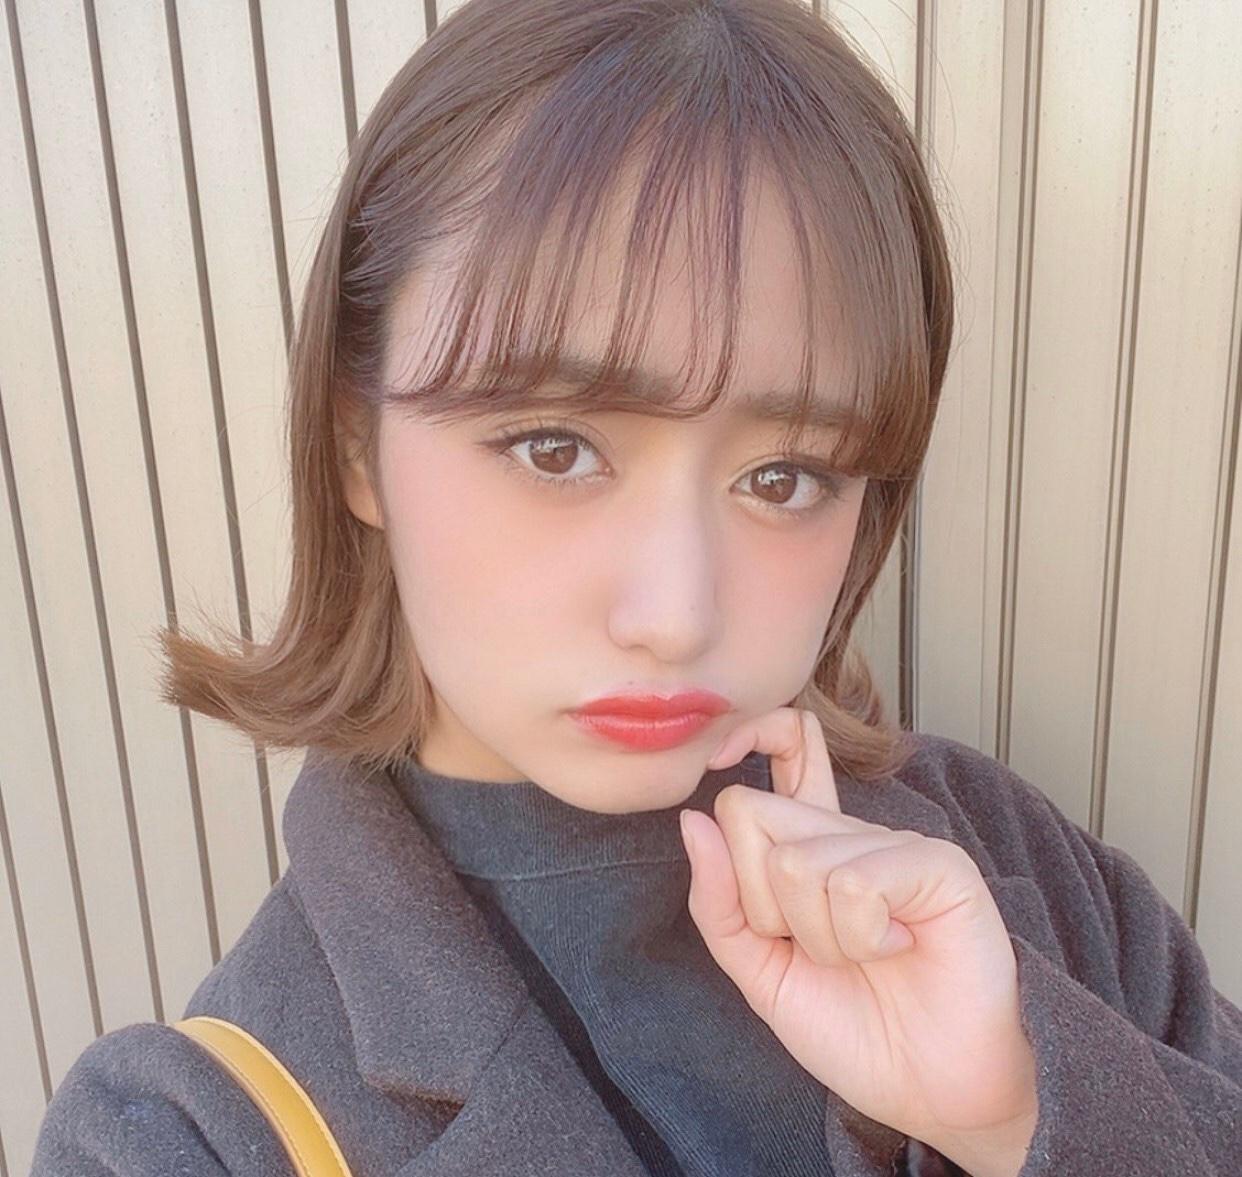 池田メルダの可愛い画像まとめ【21枚】